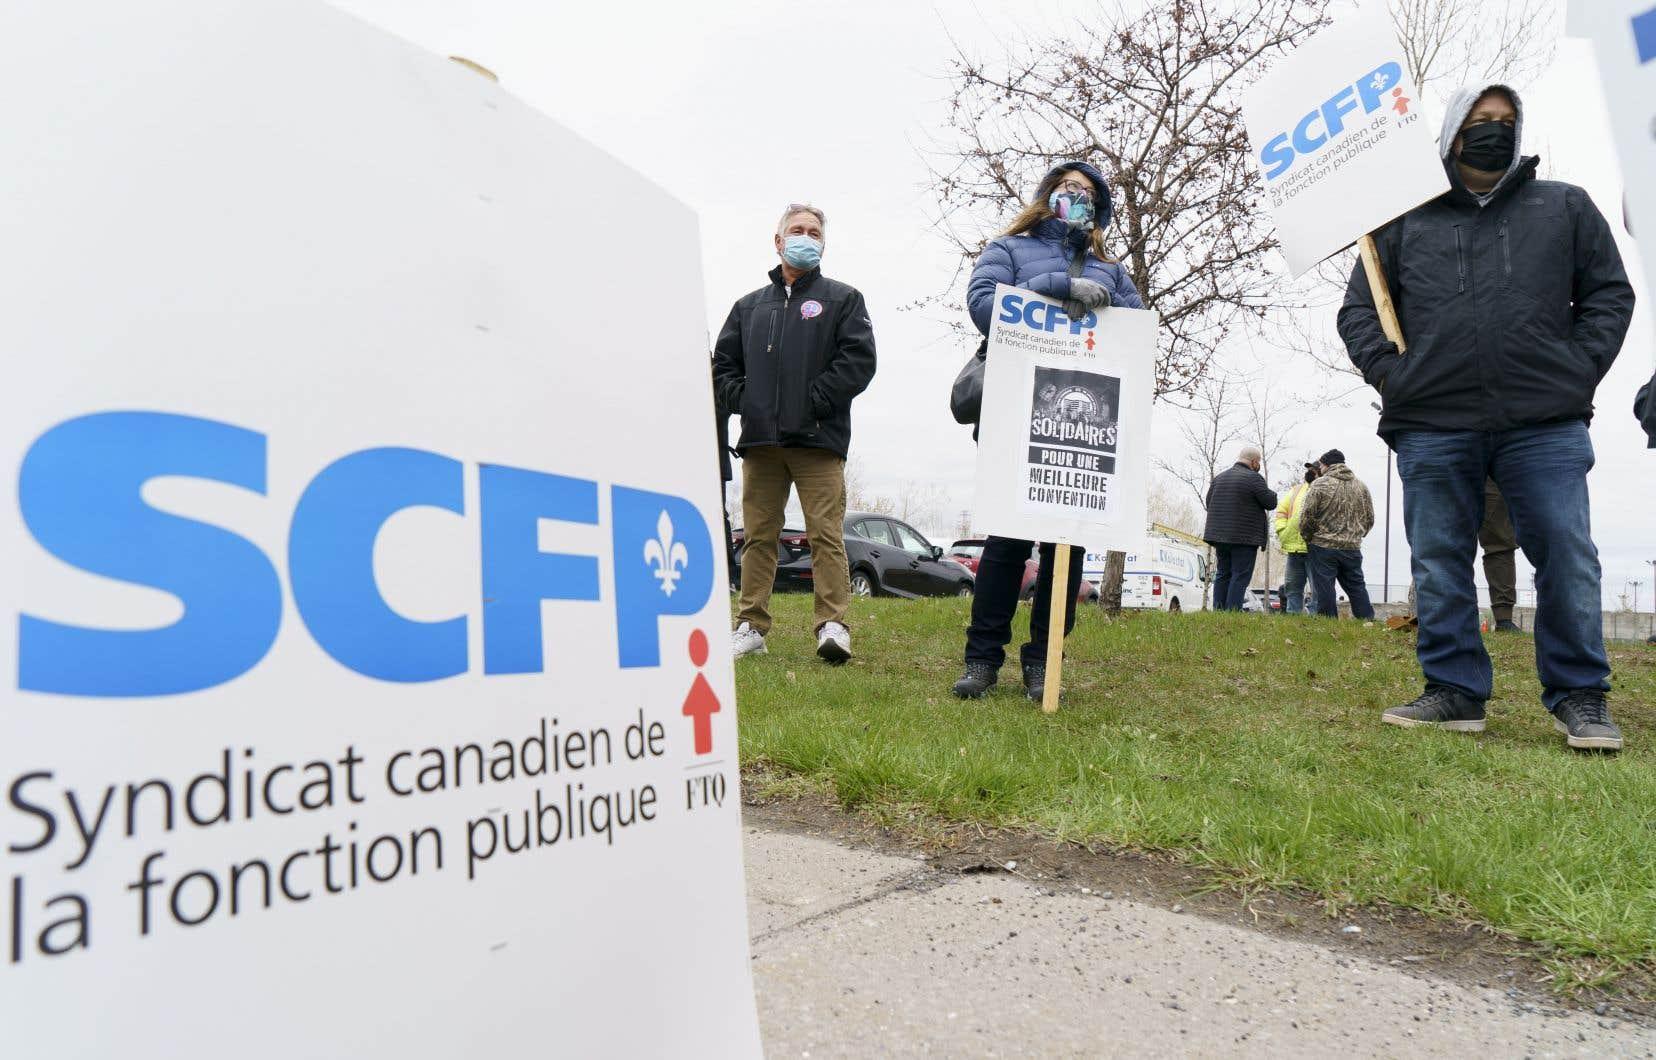 Le Syndicat de la fonction publique (SCFP) a déjà annoncé qu'il ira devant les tribunaux pour faire invalider C-29.